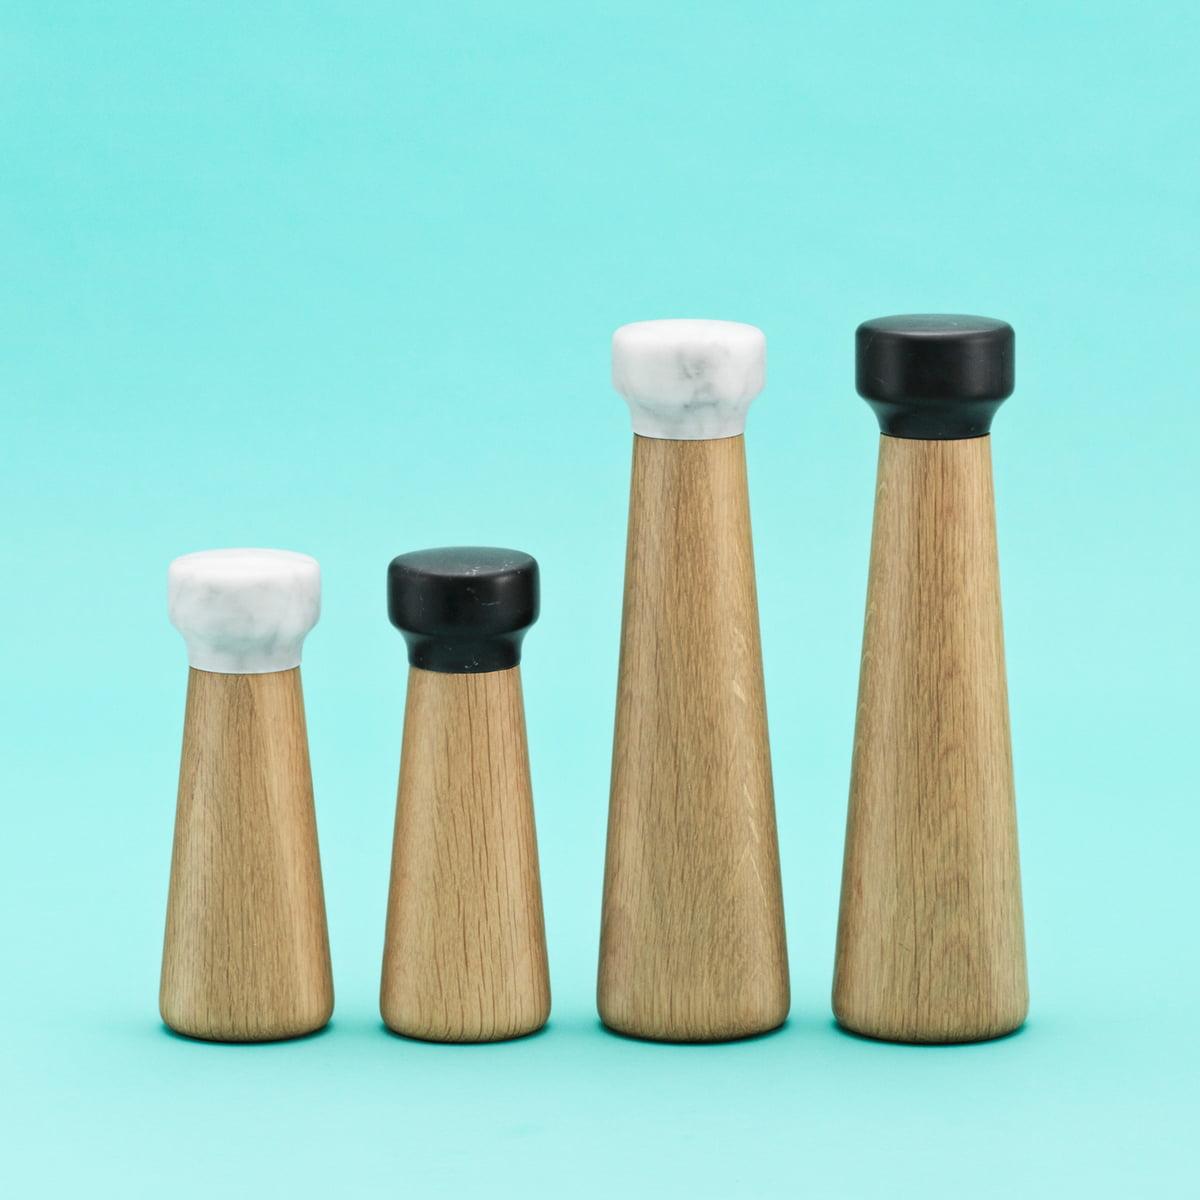 normann copenhagen craft salt pepper grinder. Black Bedroom Furniture Sets. Home Design Ideas